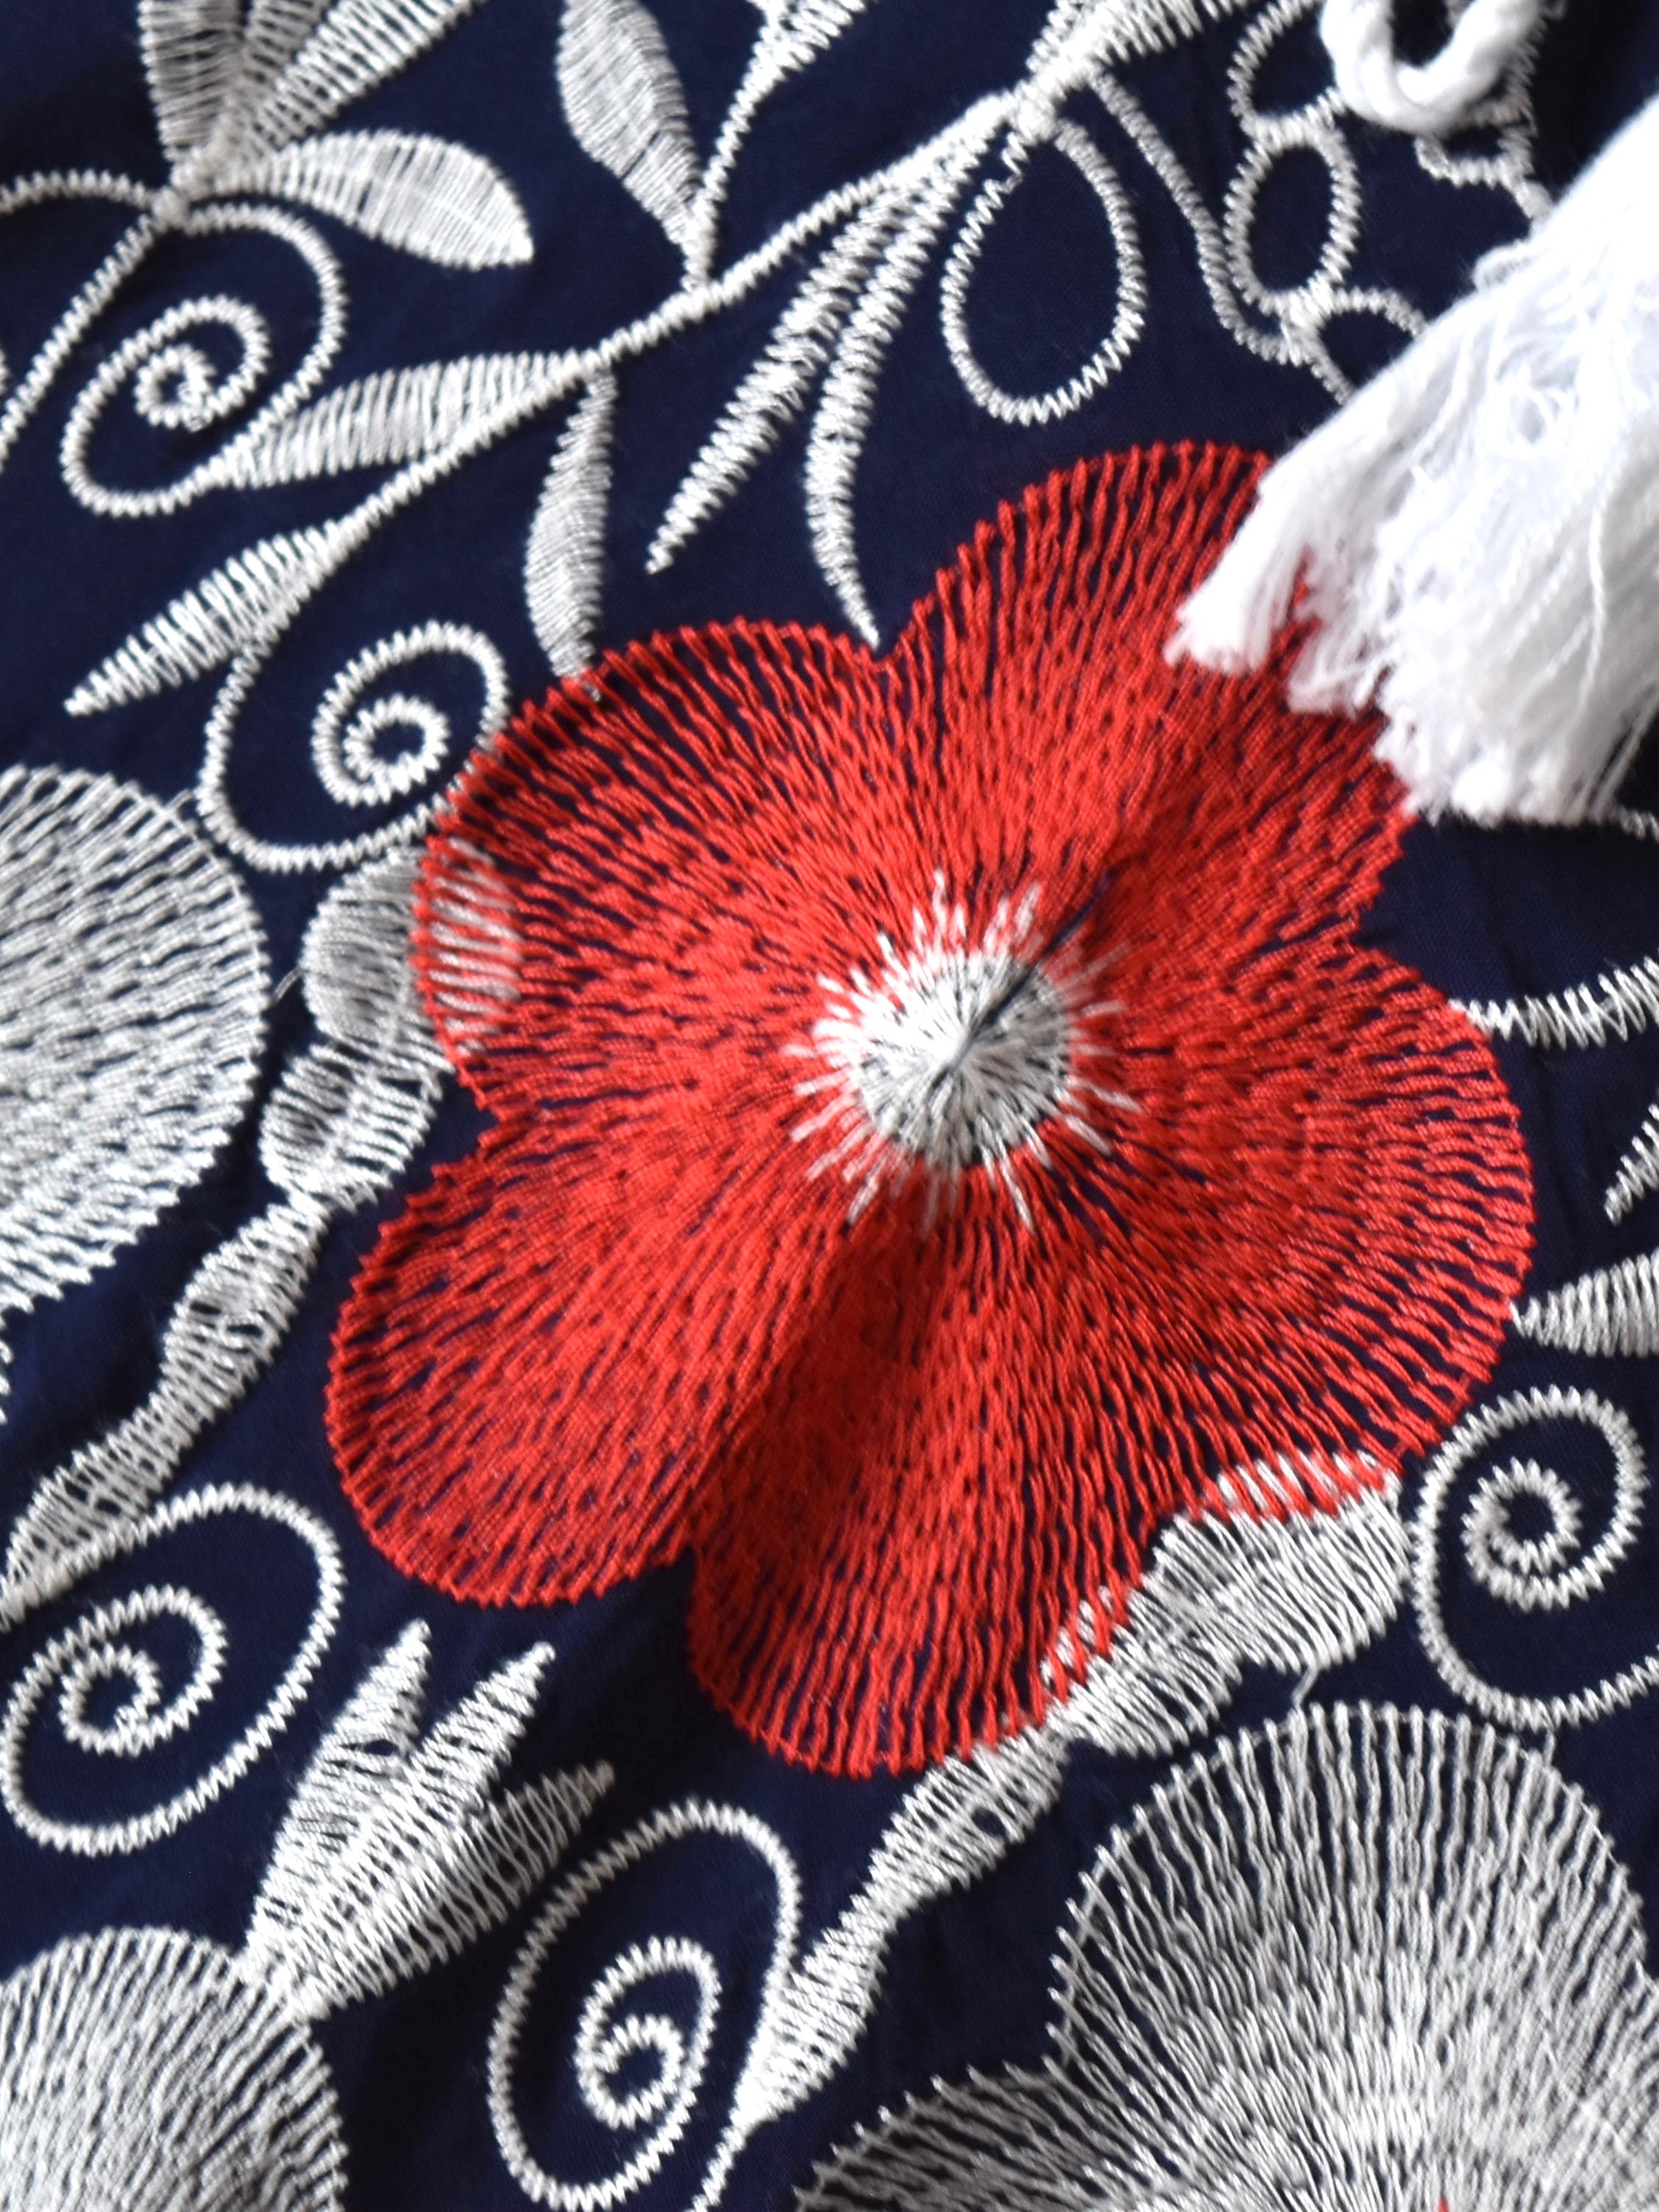 刺繍 ワンピース / embroidery one-piece